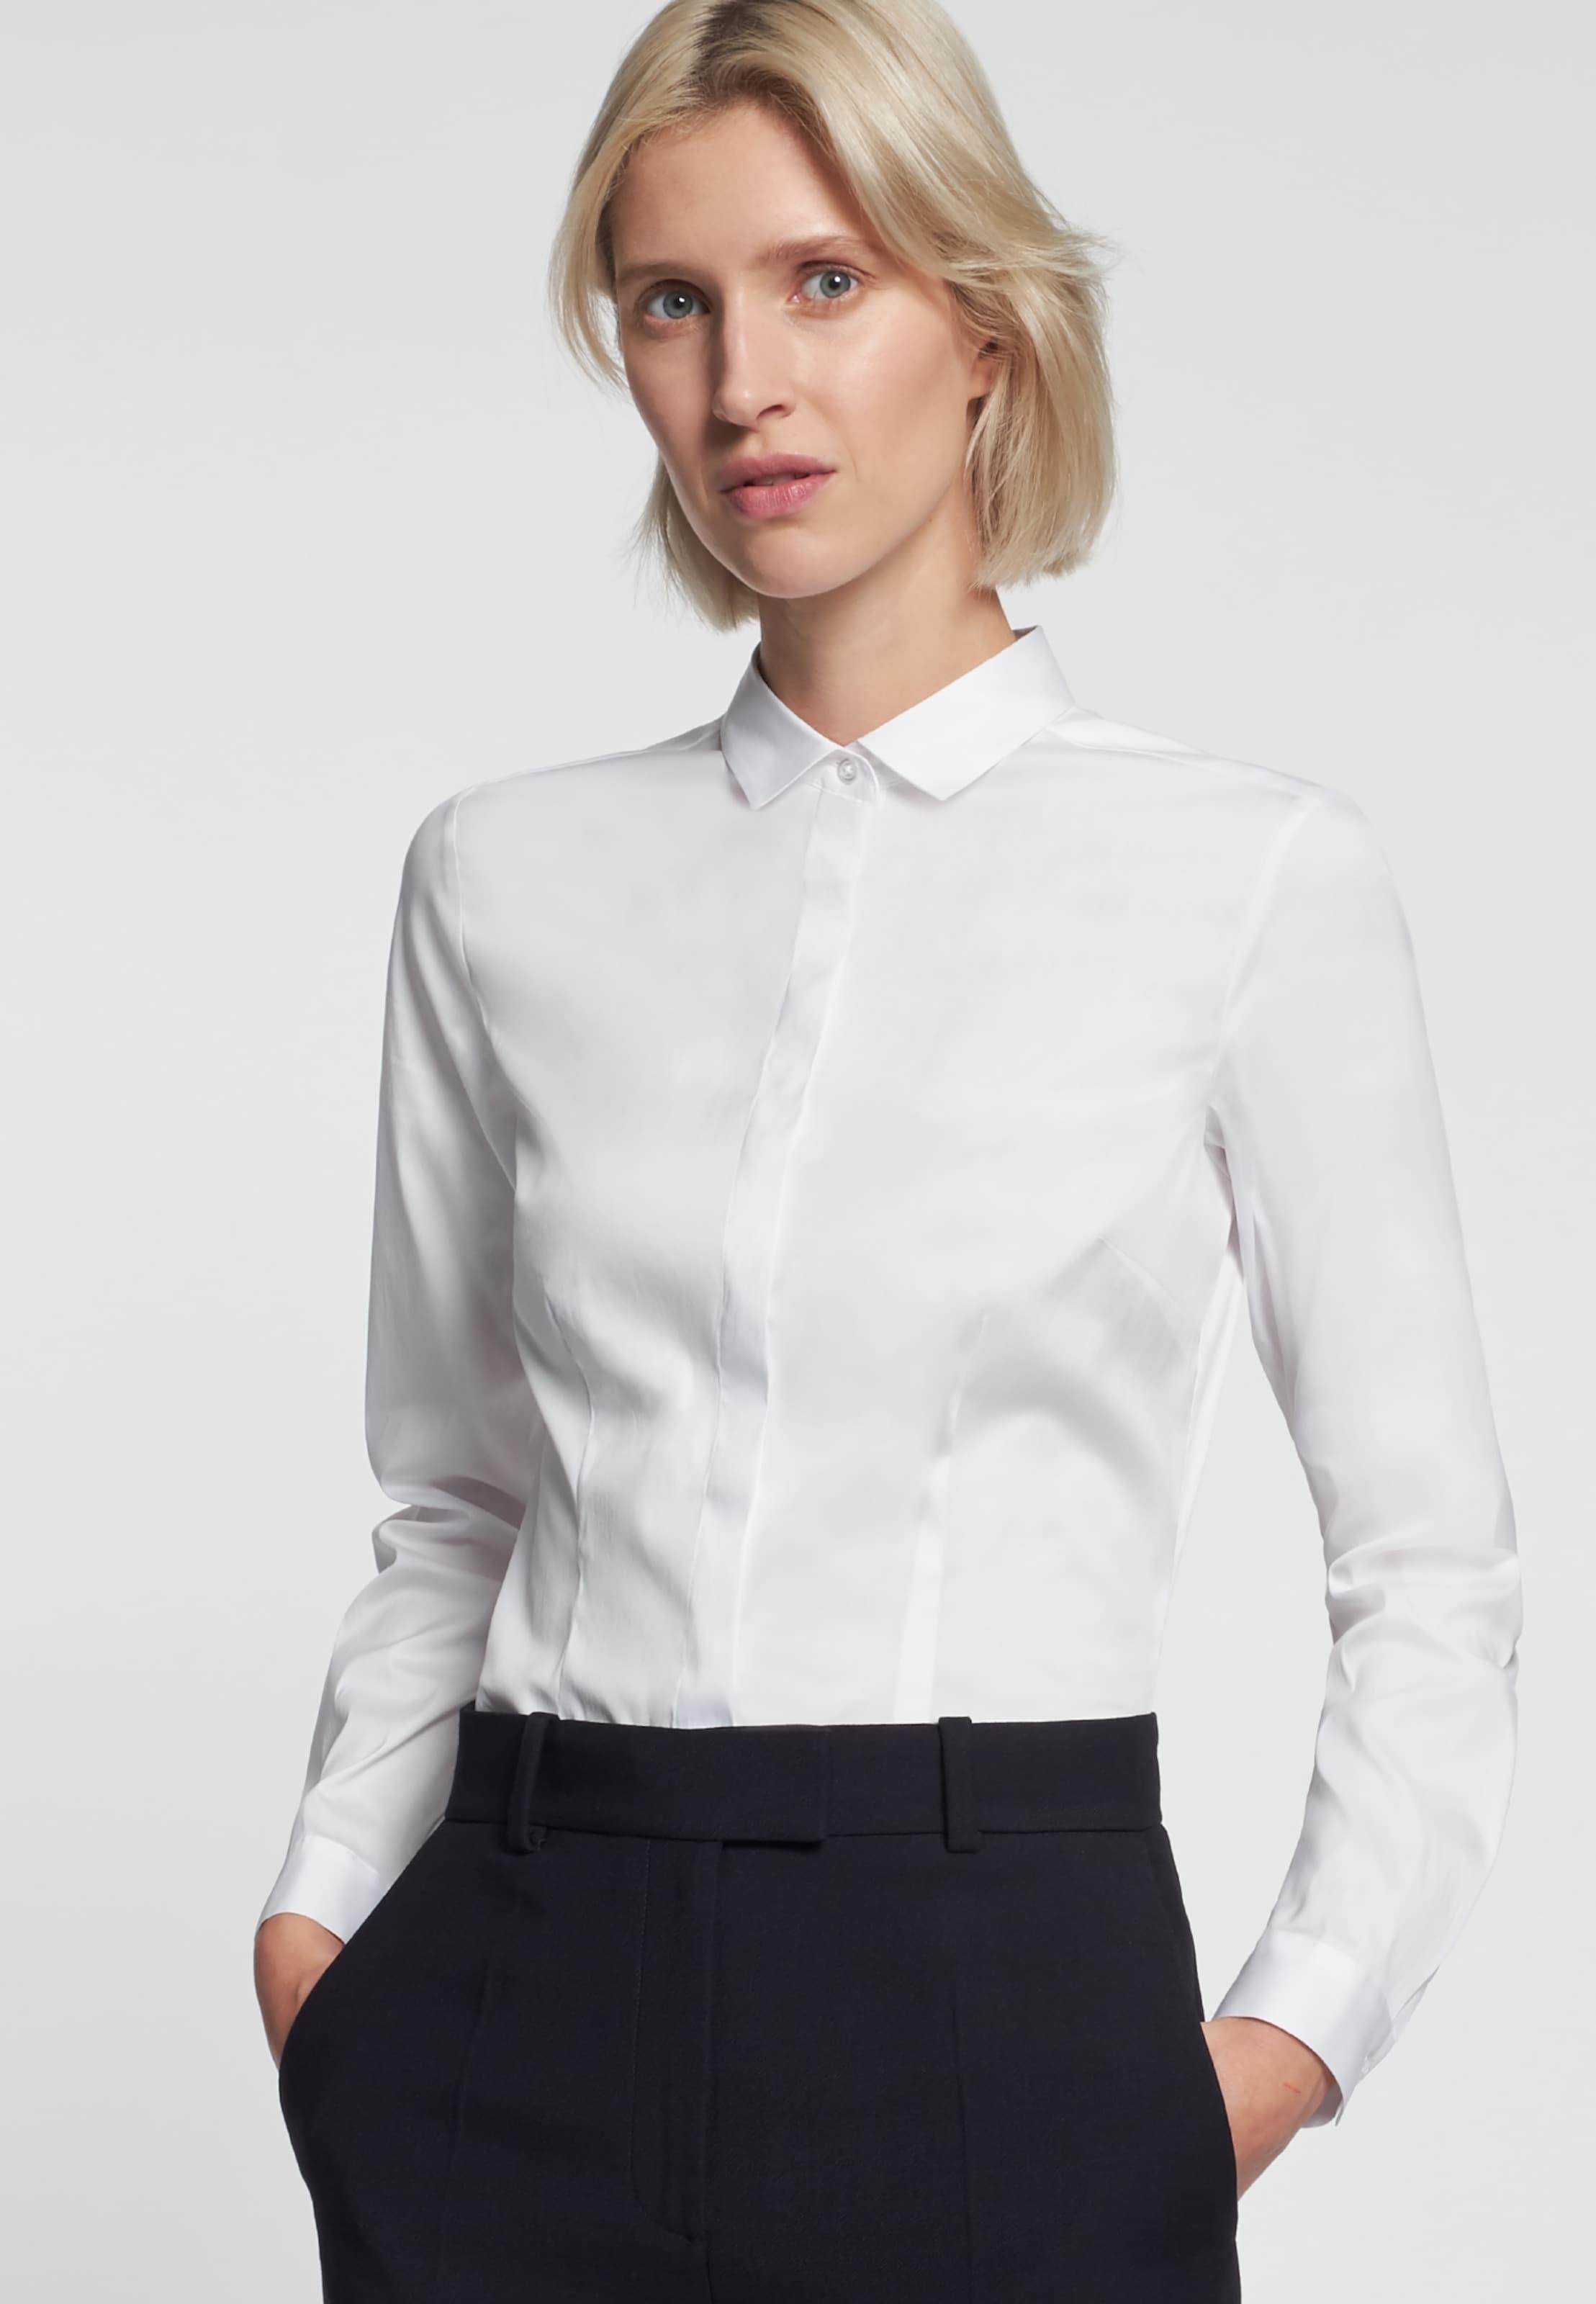 Seidensticker ' Weiß Schwarze Rose Bluse In Yfgyb7I6v